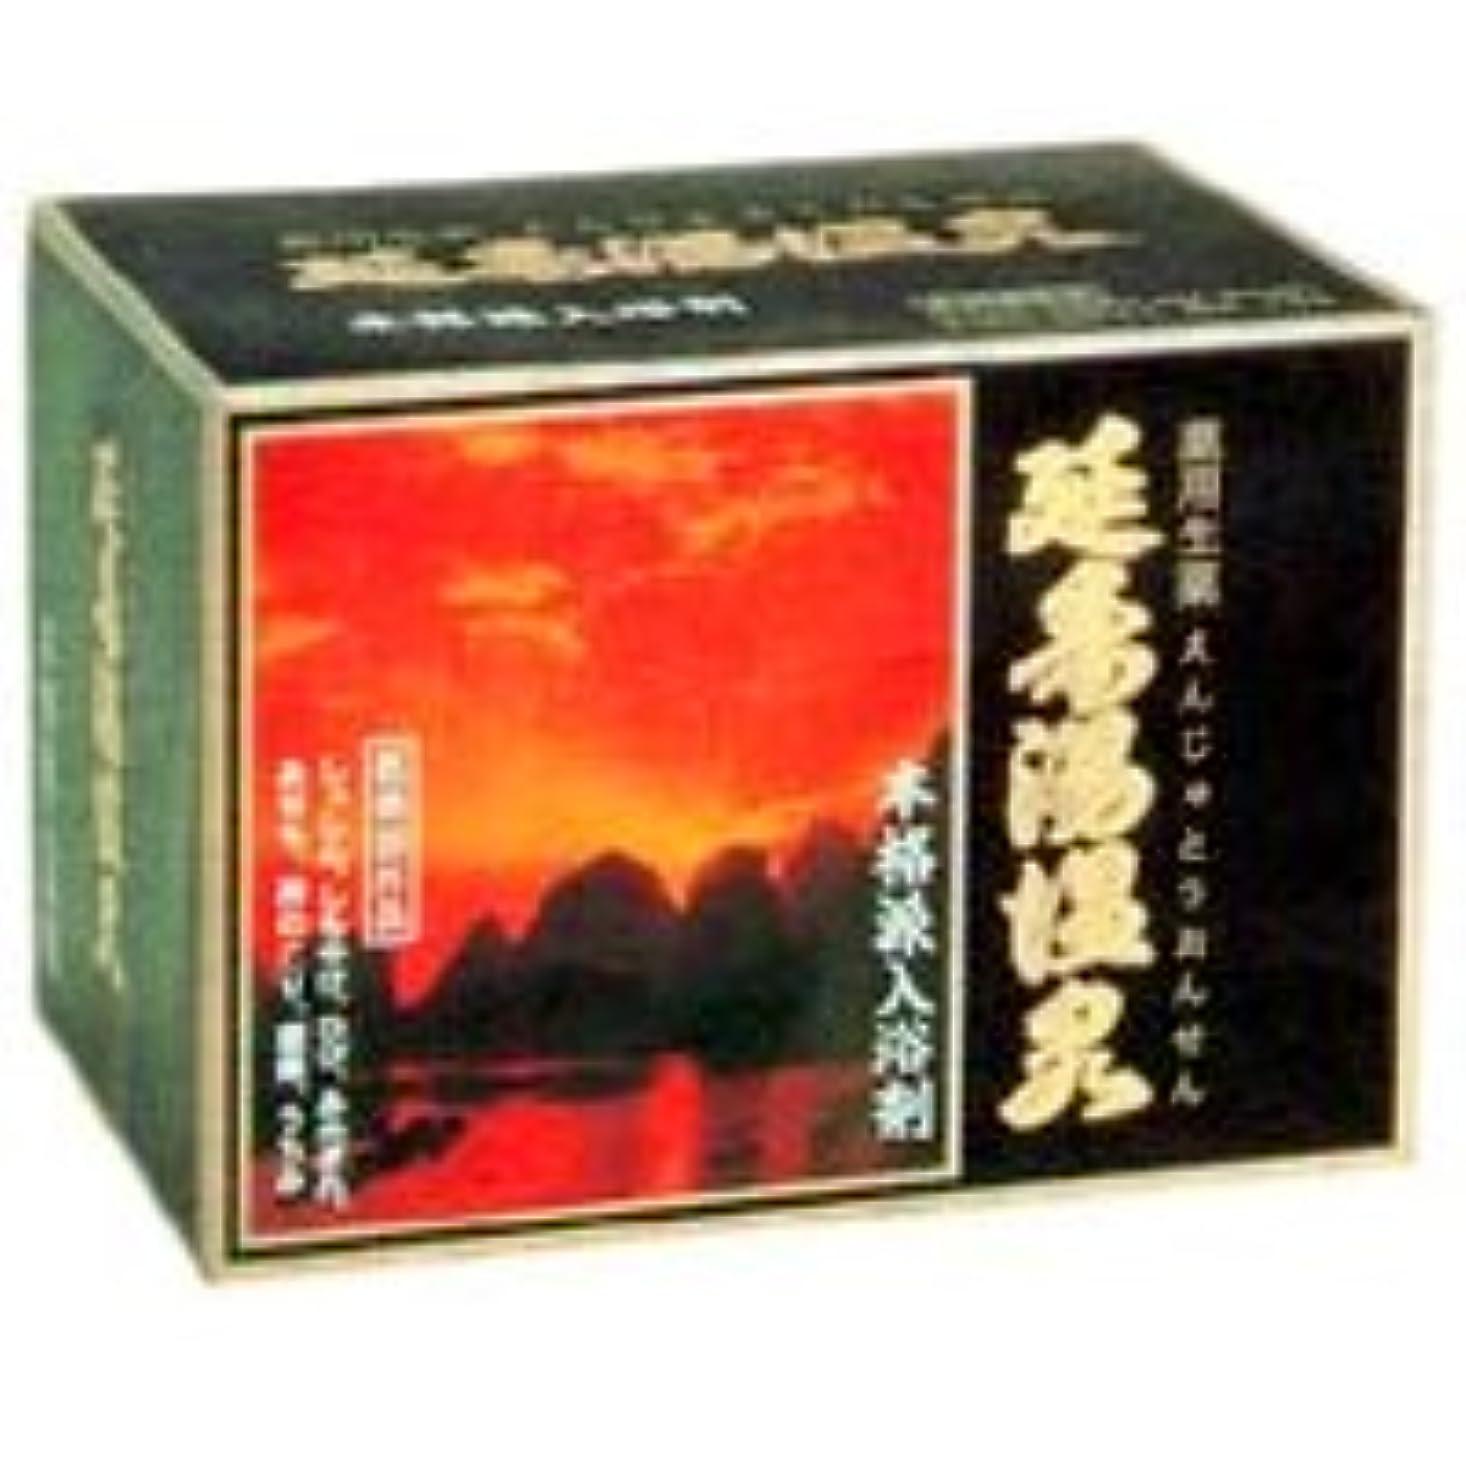 チャーター普遍的な拮抗する入浴剤 延寿湯温泉(えんじゅとう)12包入×3箱+5包おまけ 天然生薬配合 医薬部外品